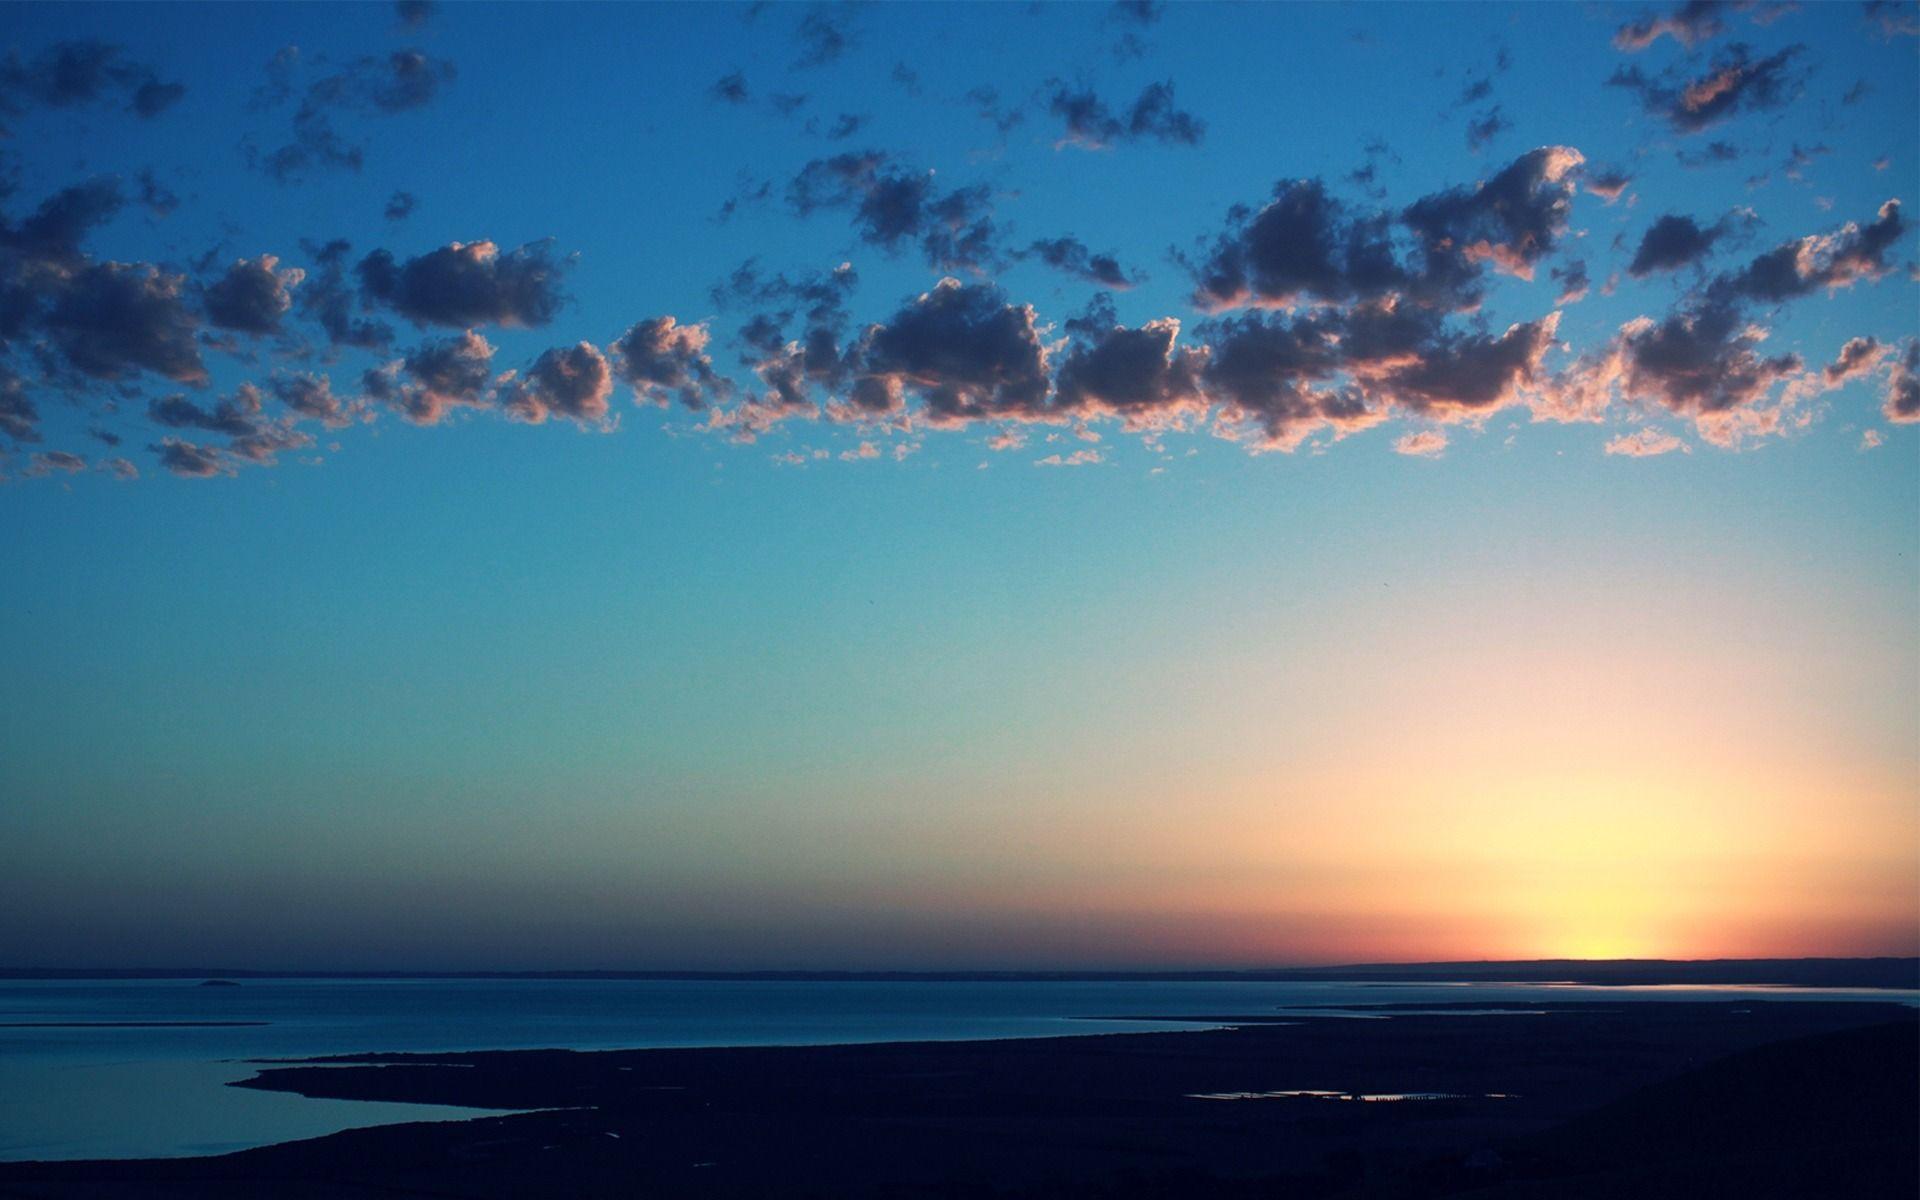 природа море солнце горизонт небо облака  № 717655 загрузить